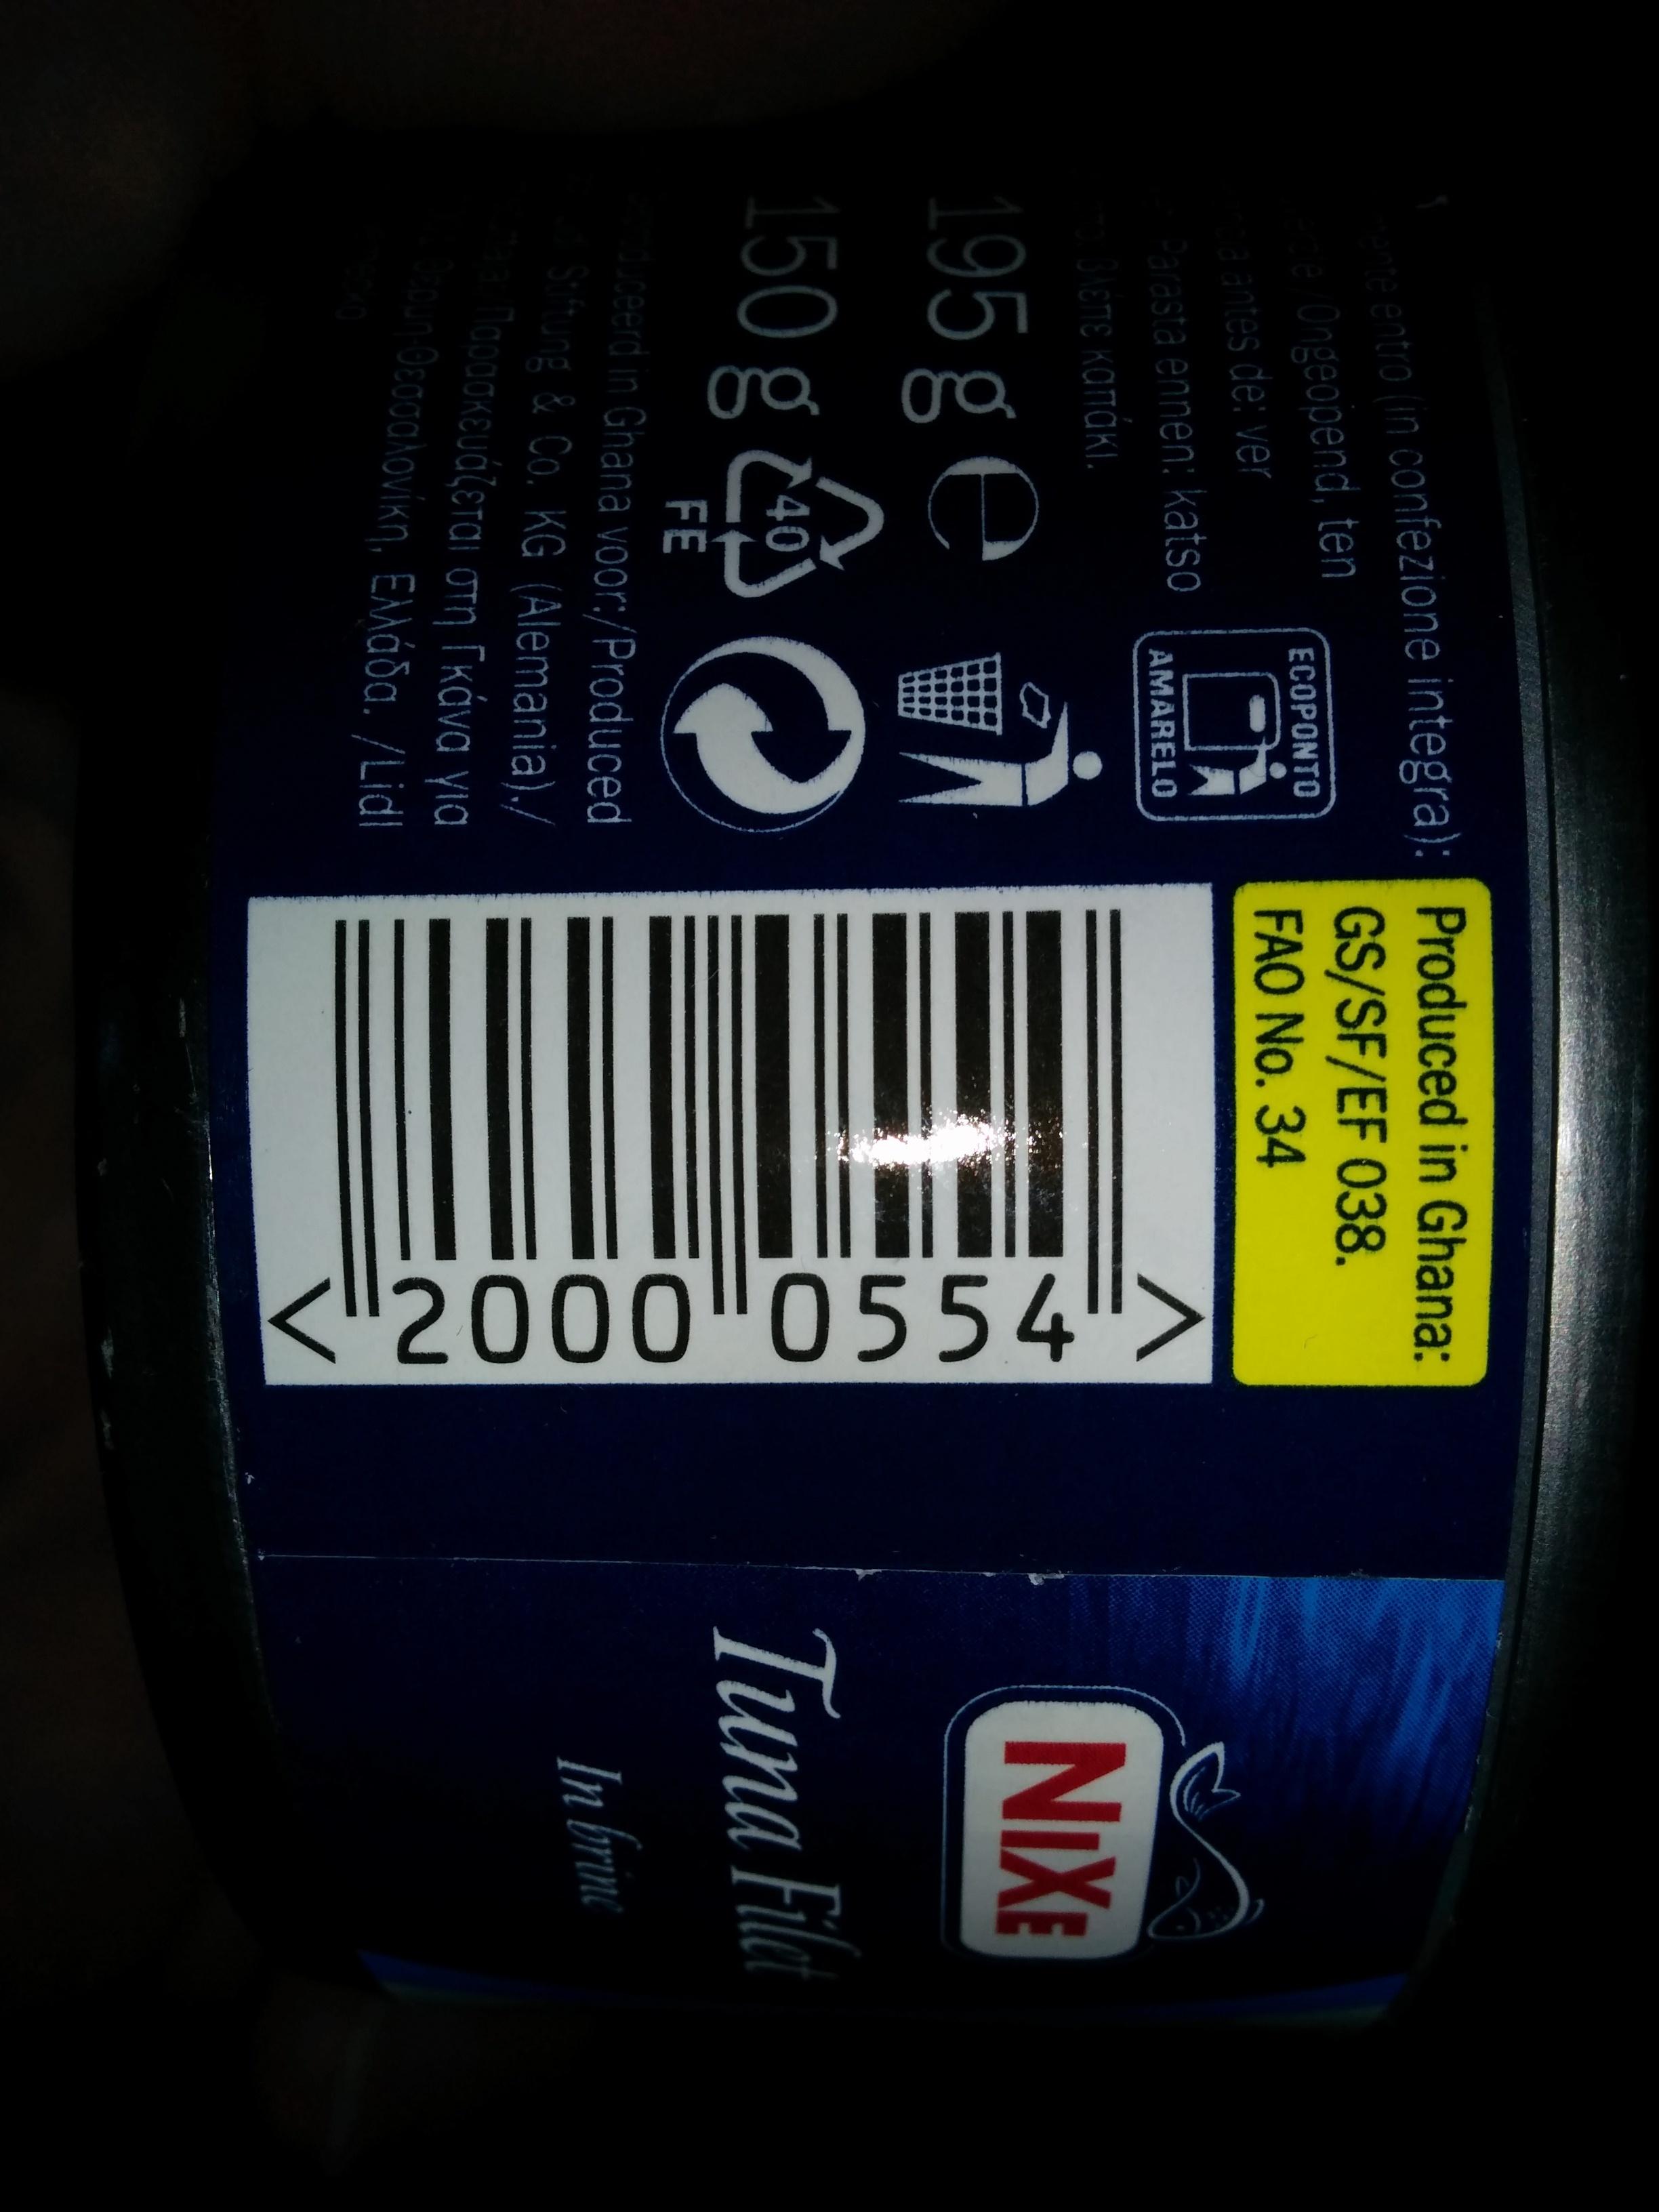 Filet de thon au naturel - Product